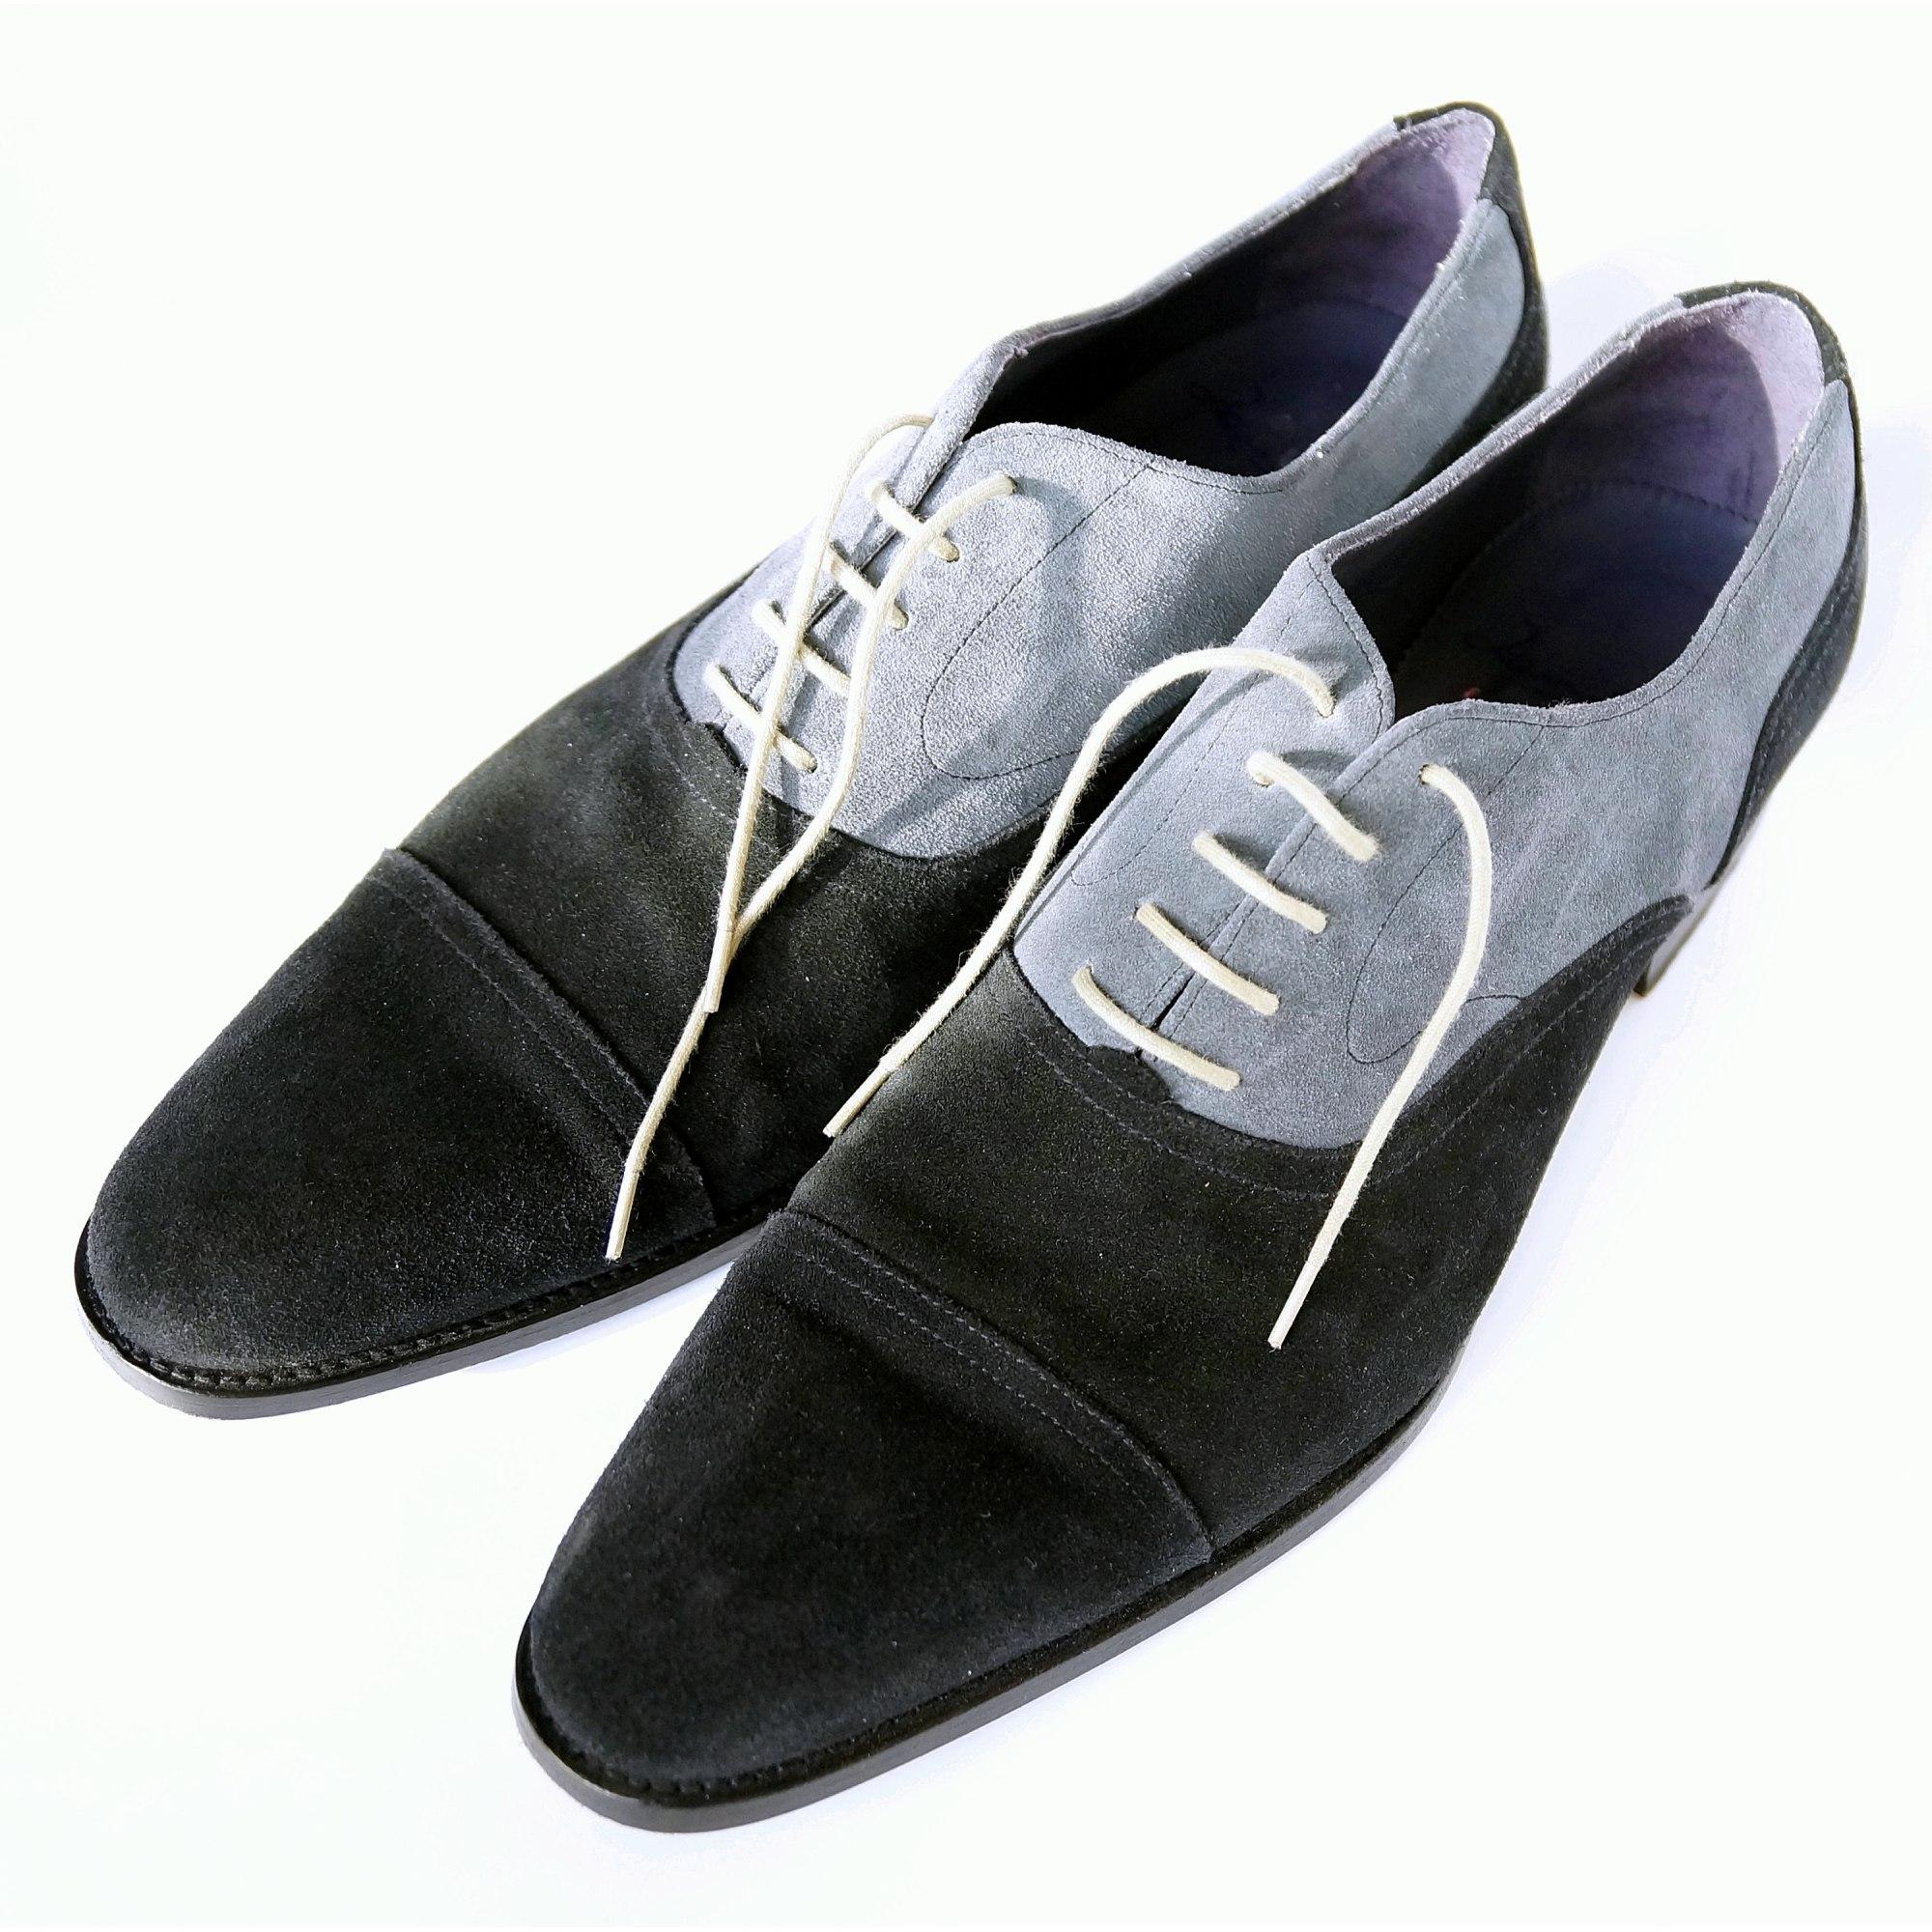 Zampiere Chaussures À Lacets cpAXb1X